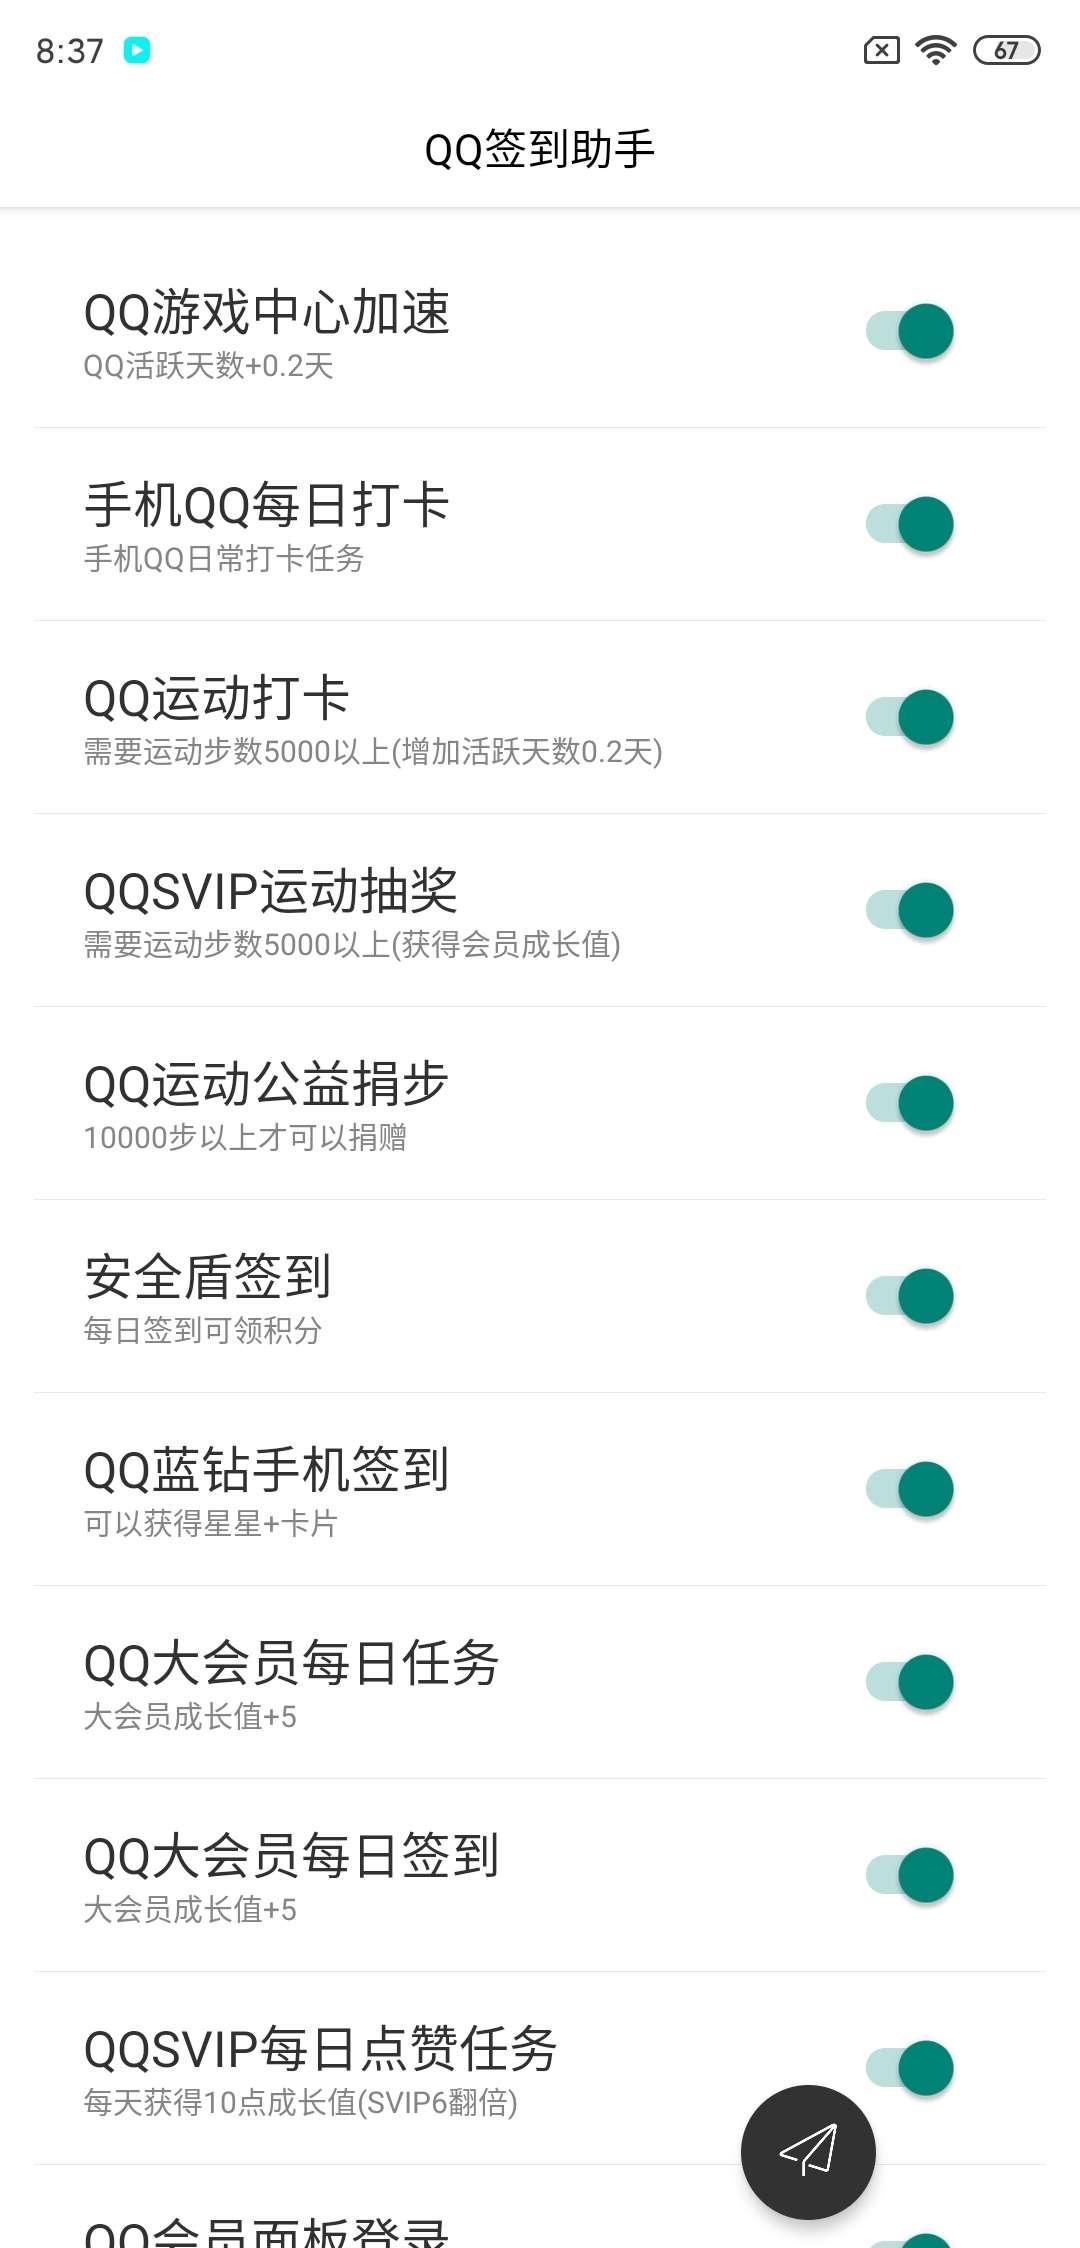 【分享】QQ签到助手 强大的签到工具/懒人升级必备